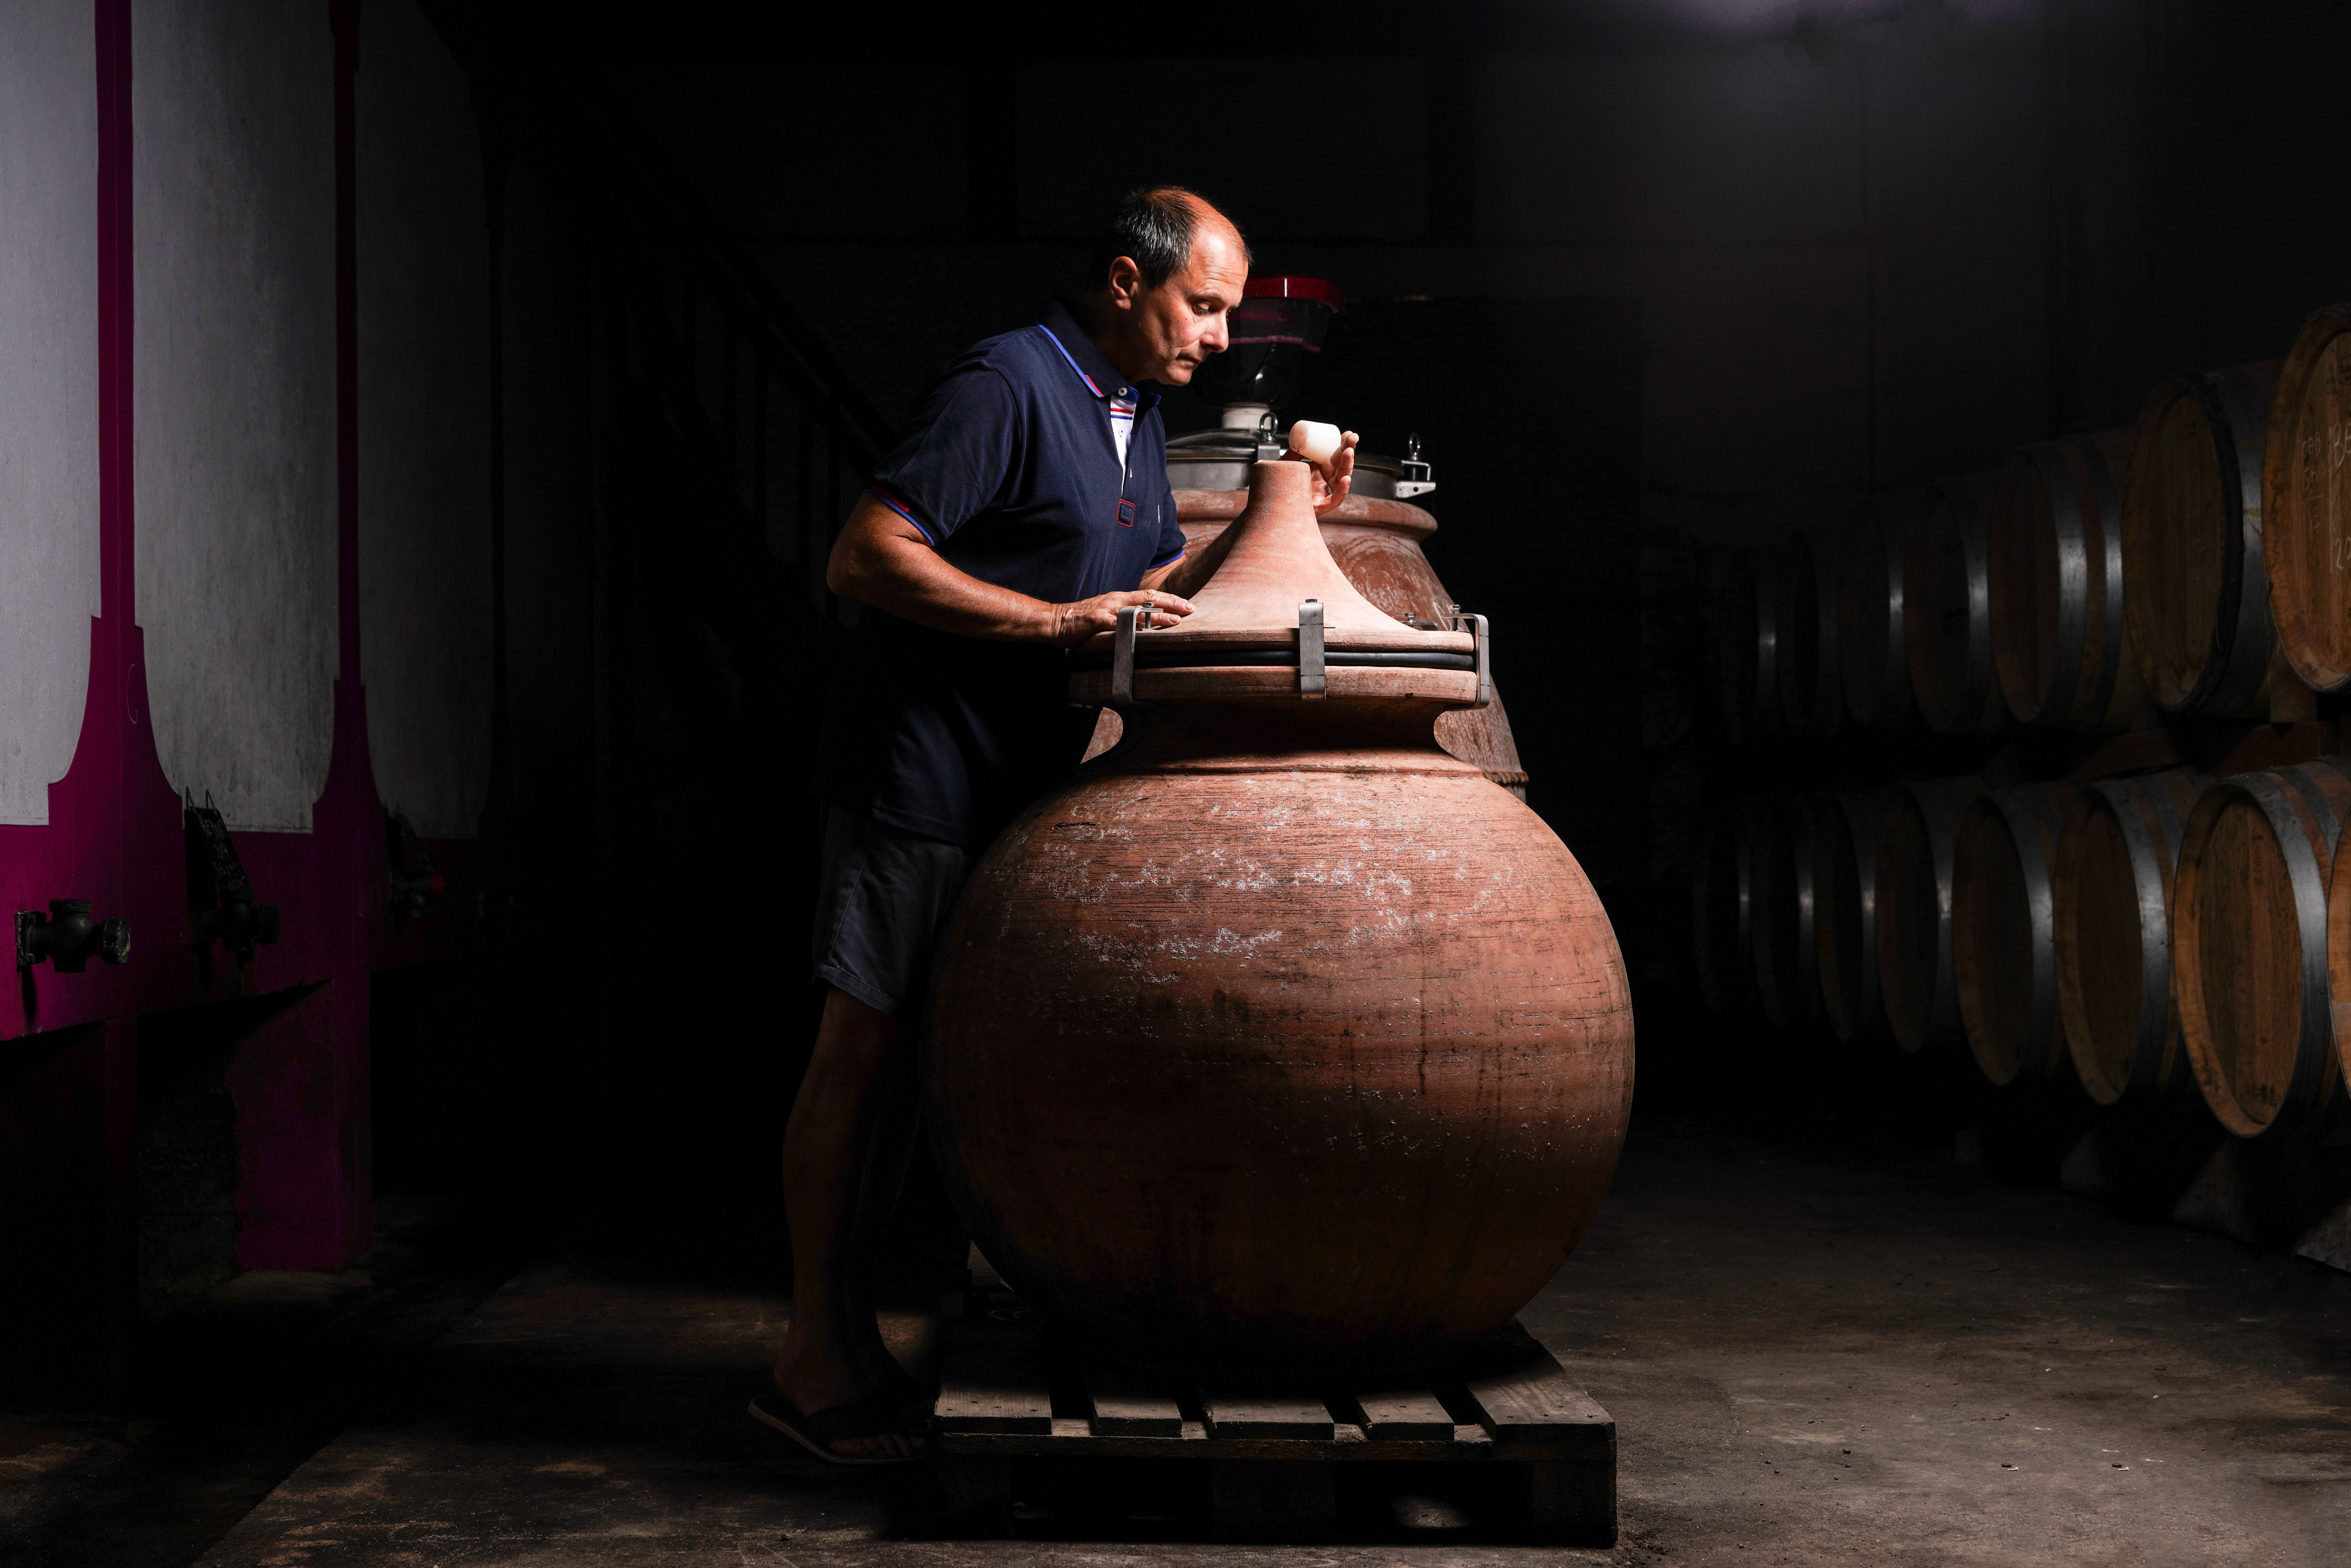 wijnmaker wijnboer wijnkelder